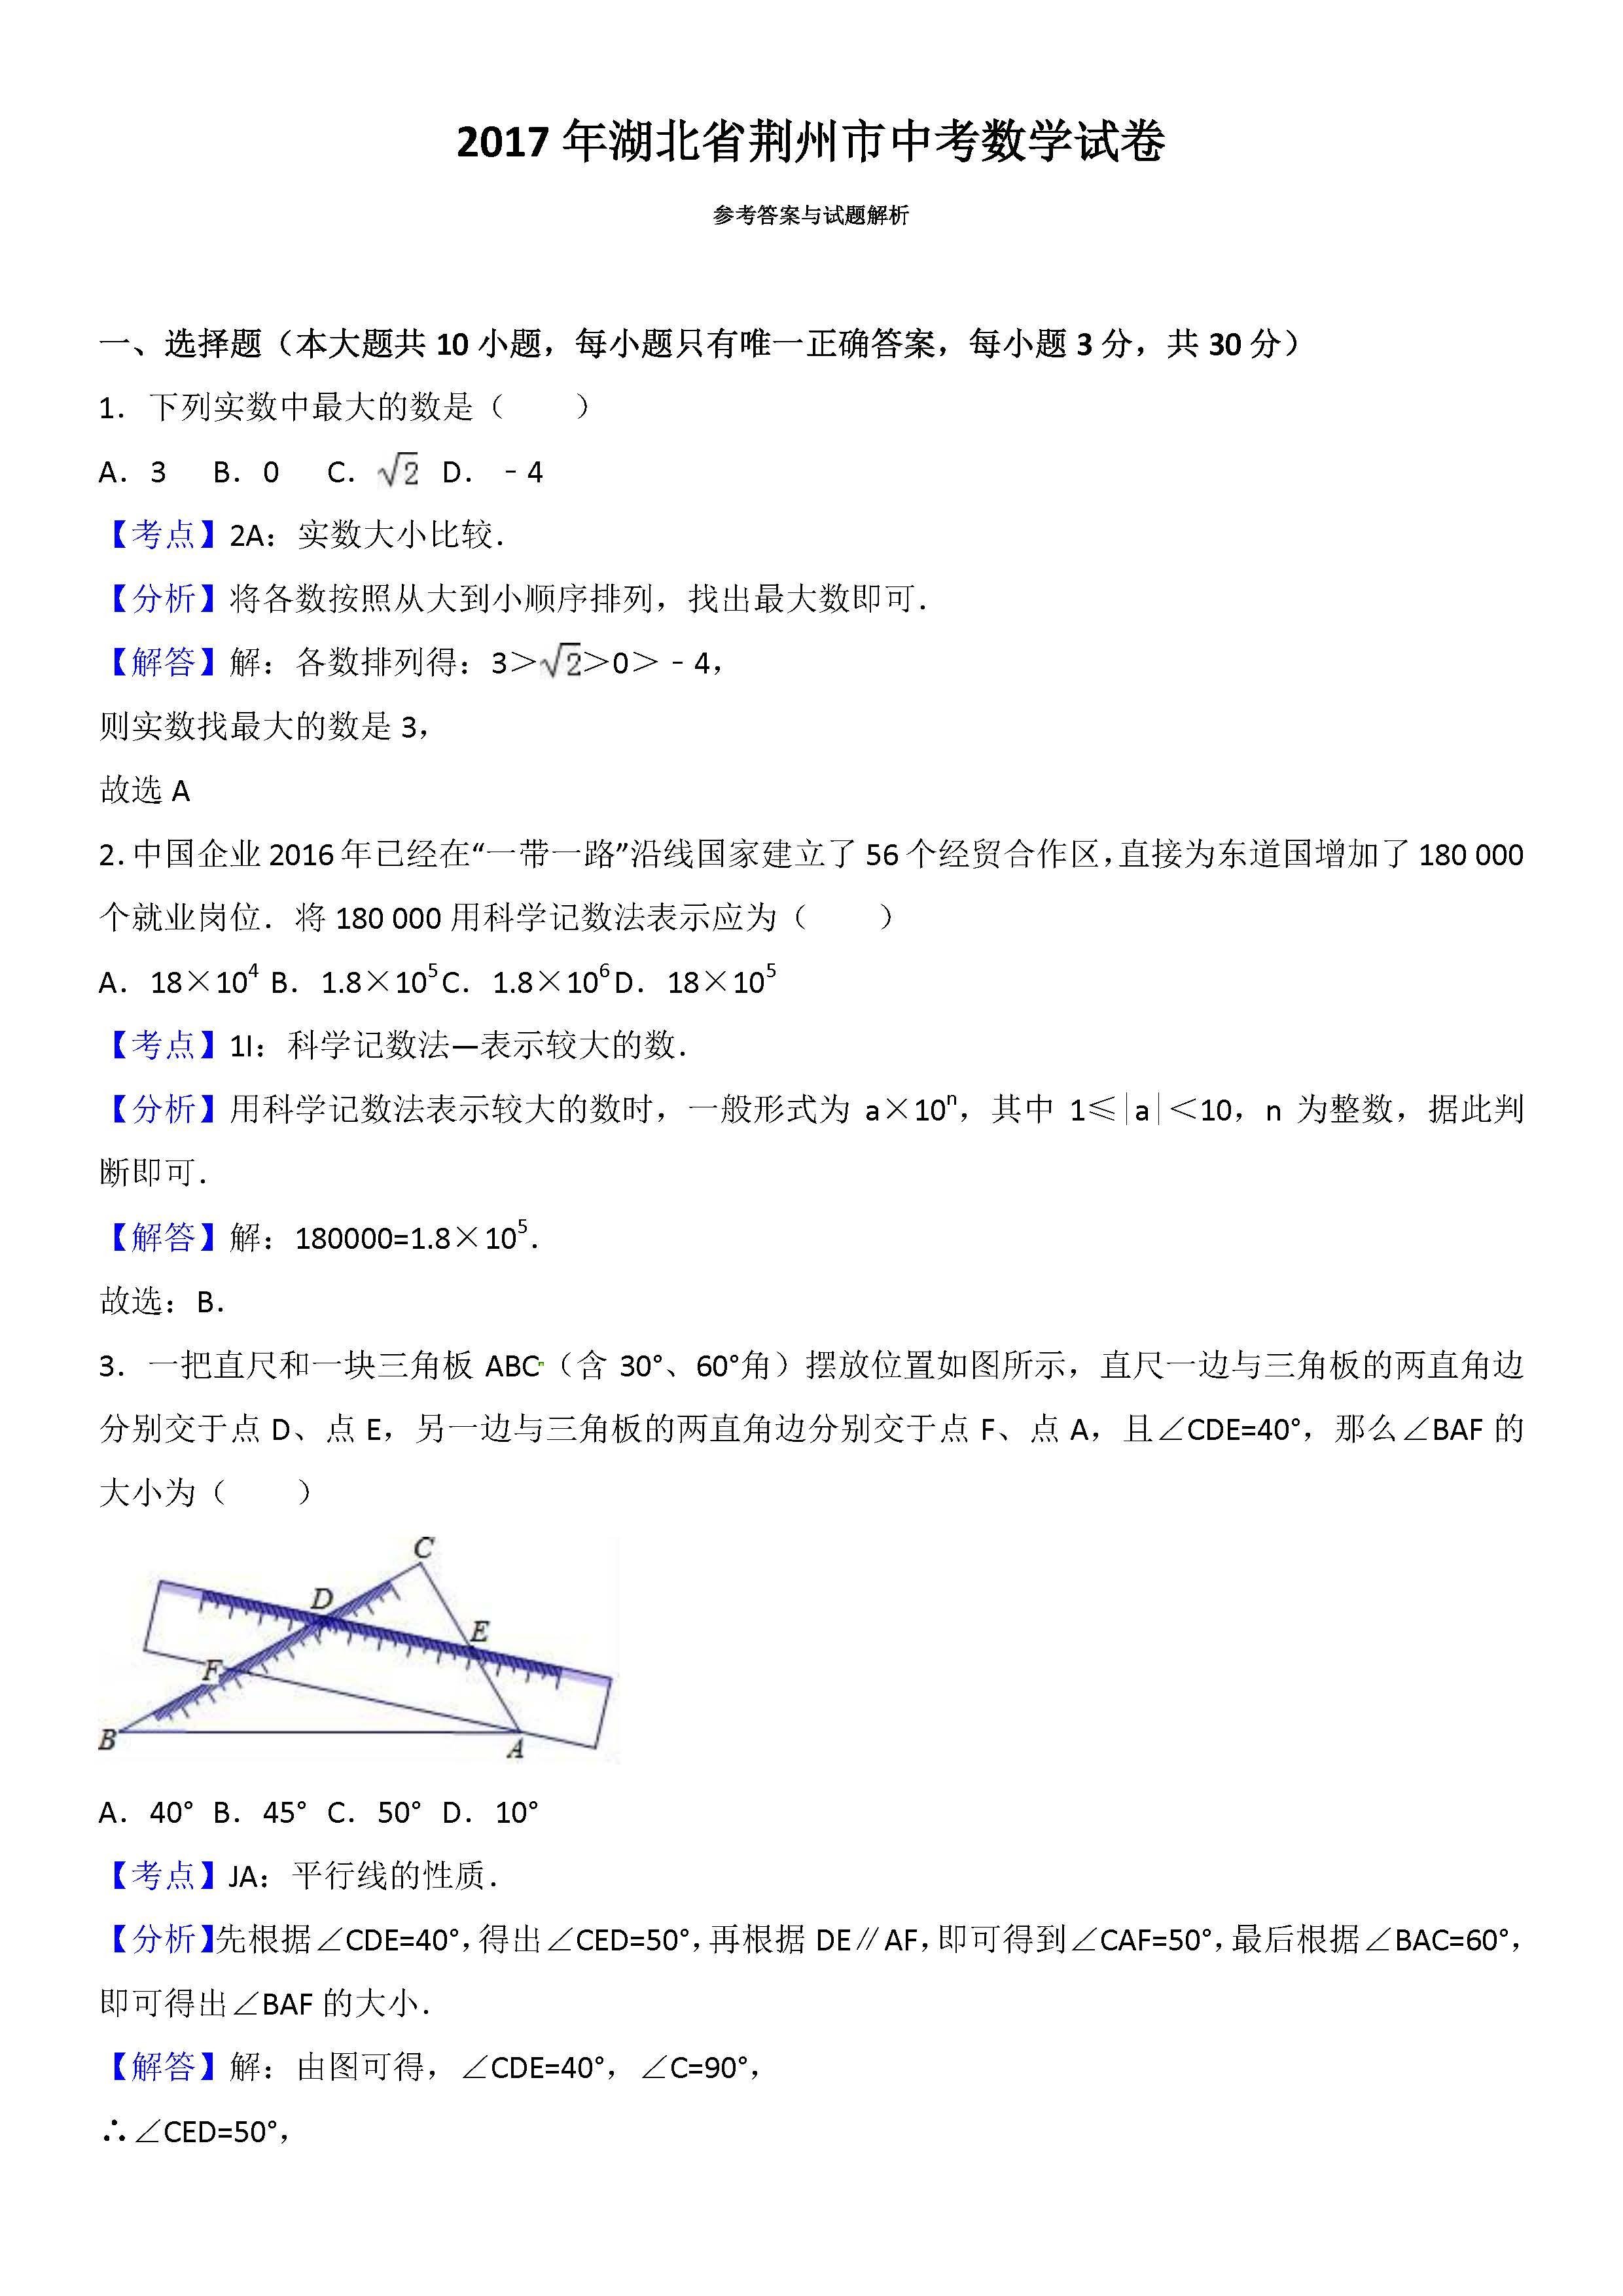 2017荆州中考数学试题及答案解析(图片版含答案)